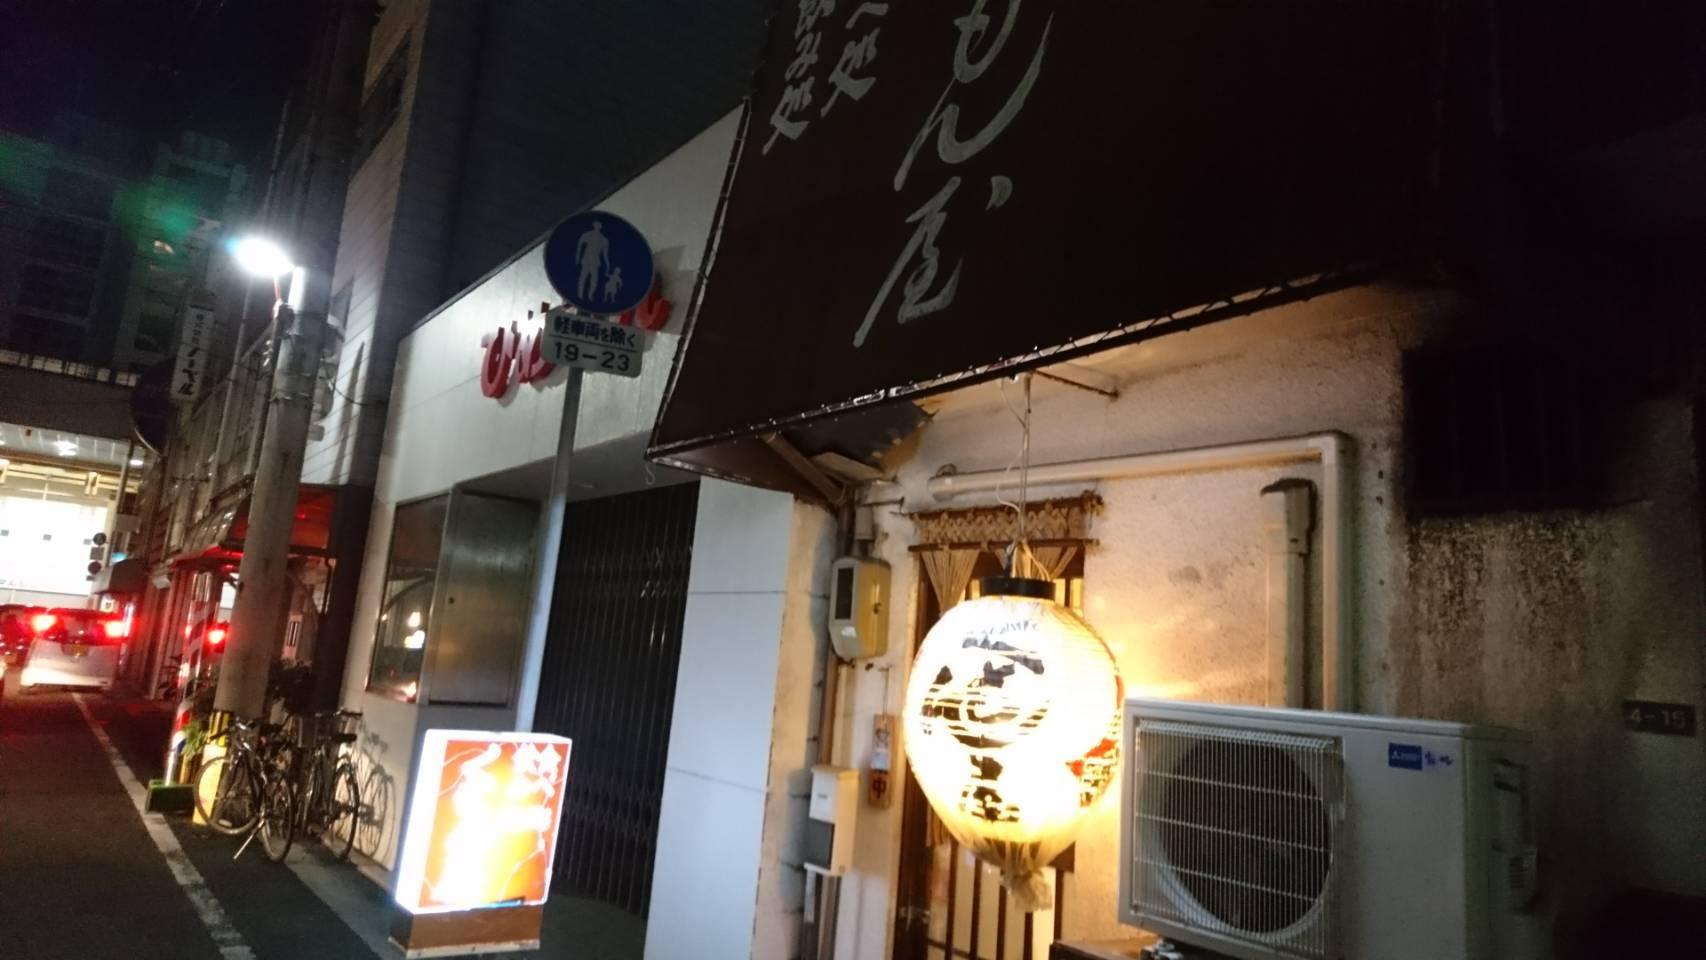 2020.1.25-27 「一二の用品店」を訪ねる高知旅_b0219778_16465444.jpg